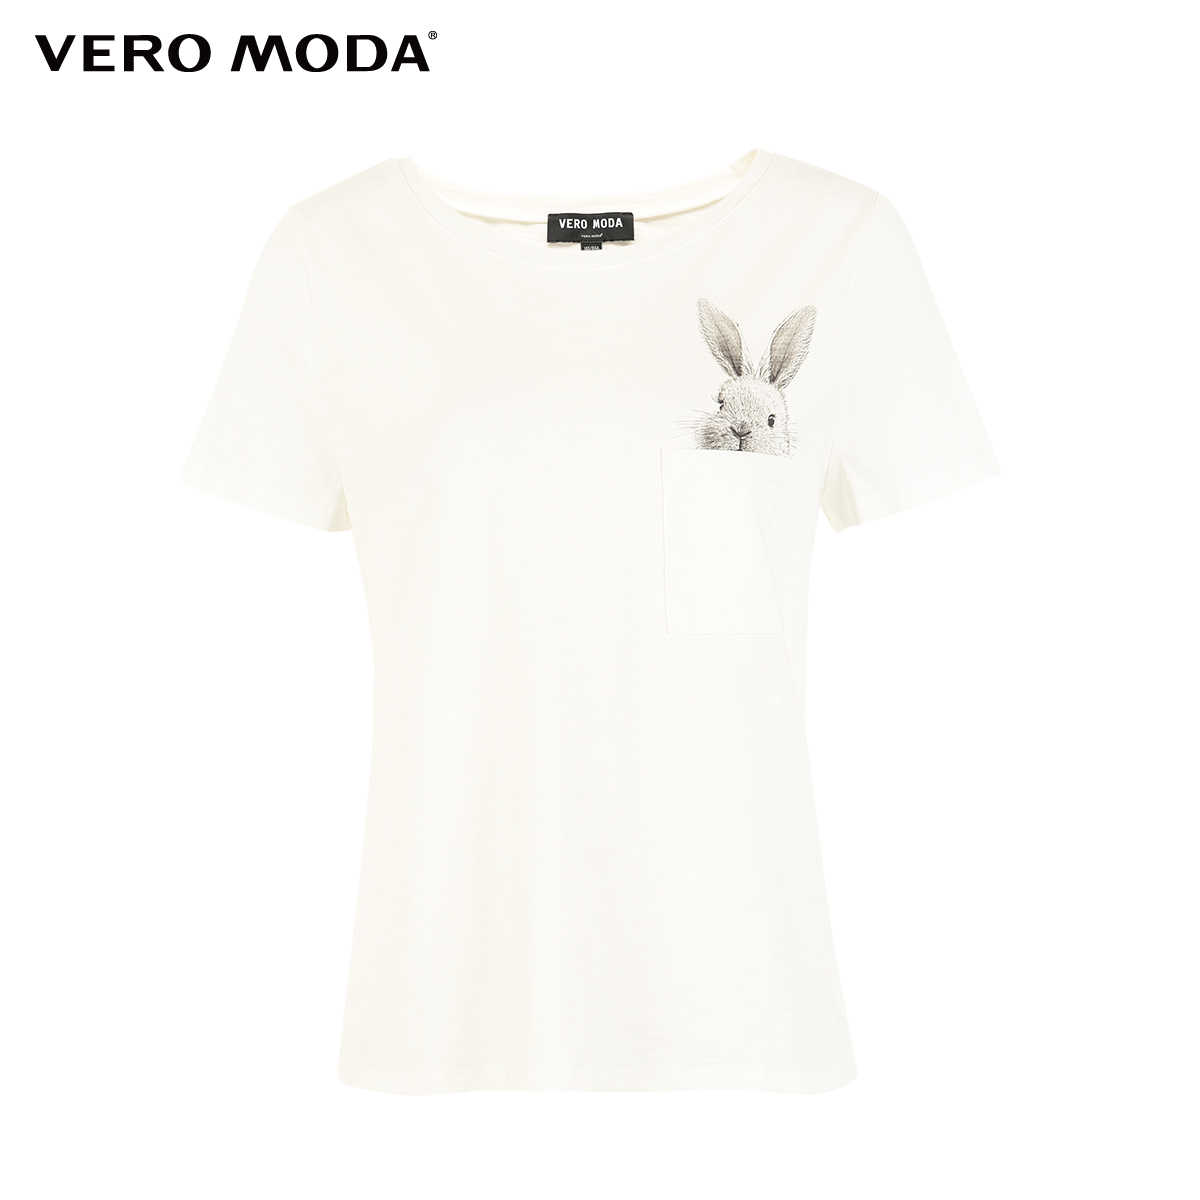 Vero Moda Kaninchen muster front tasche O-ring kurzen ärmeln T hemd | 317301510